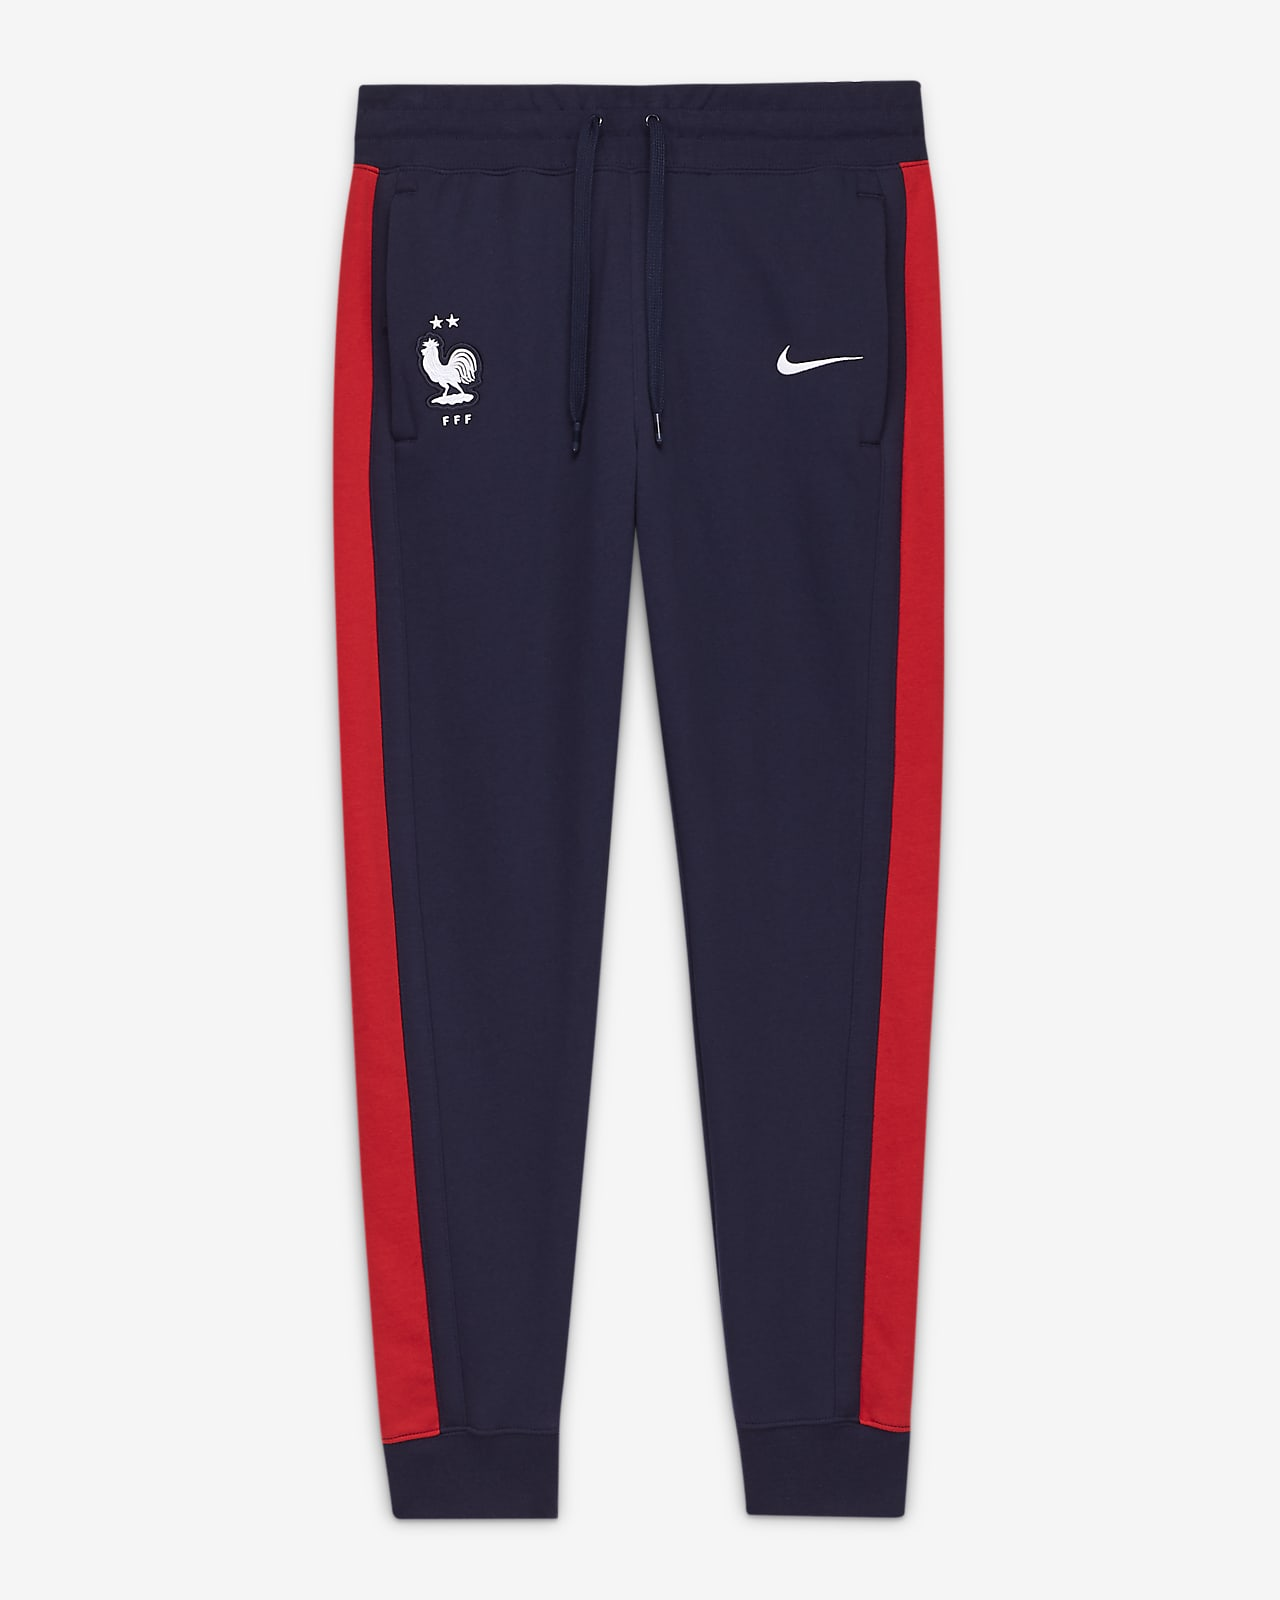 FFF Men's Fleece Trousers